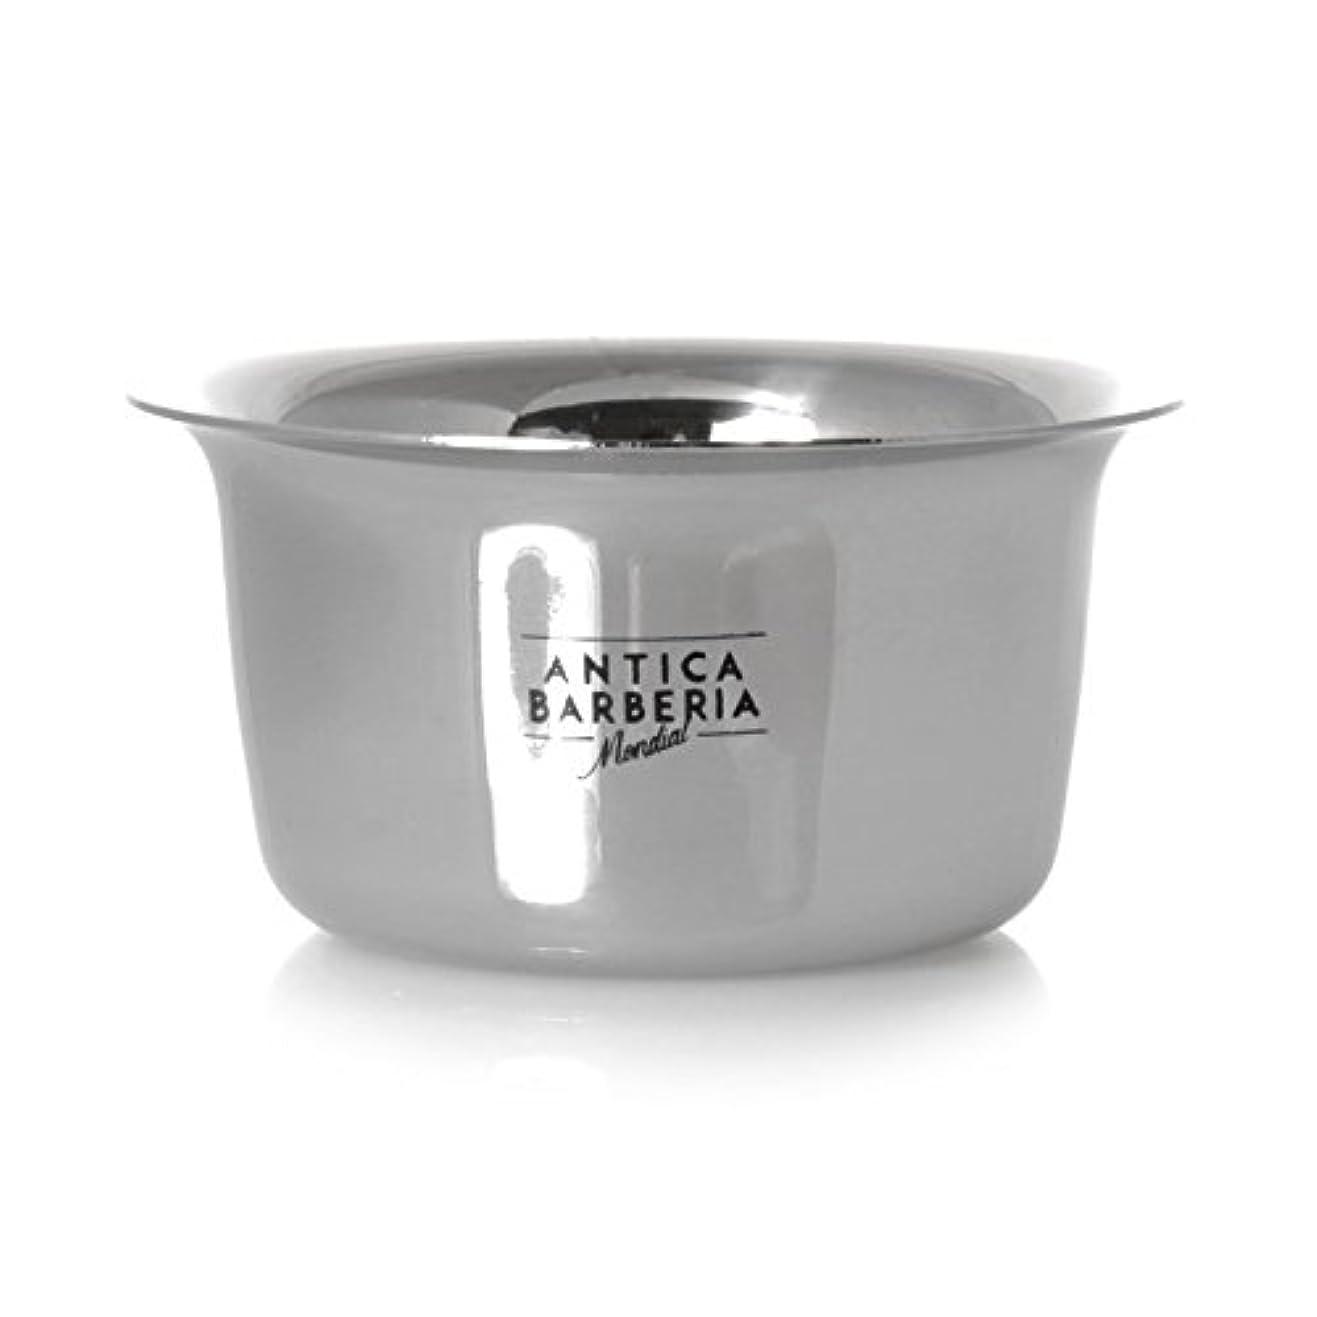 十年命令的抽選Antica Barberia Mondial - Shaving bowl - Stainless steel